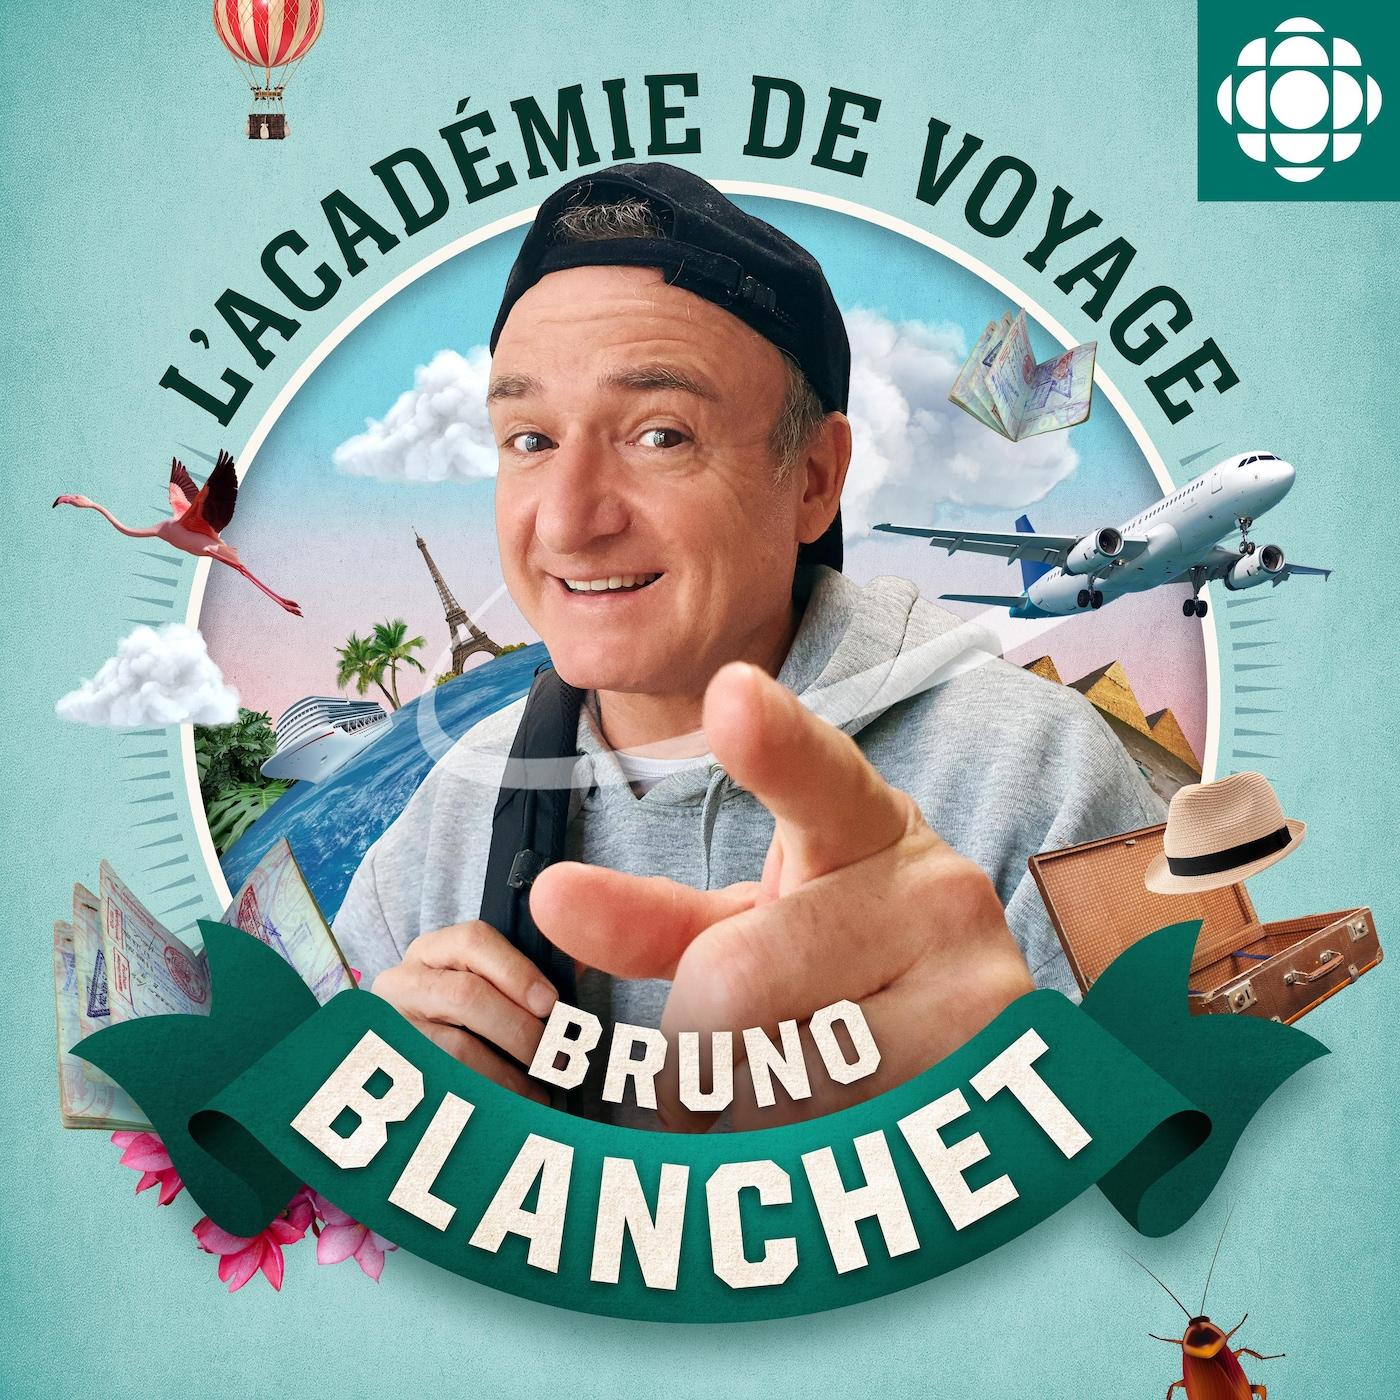 L'académie de voyage de Bruno Blanchet